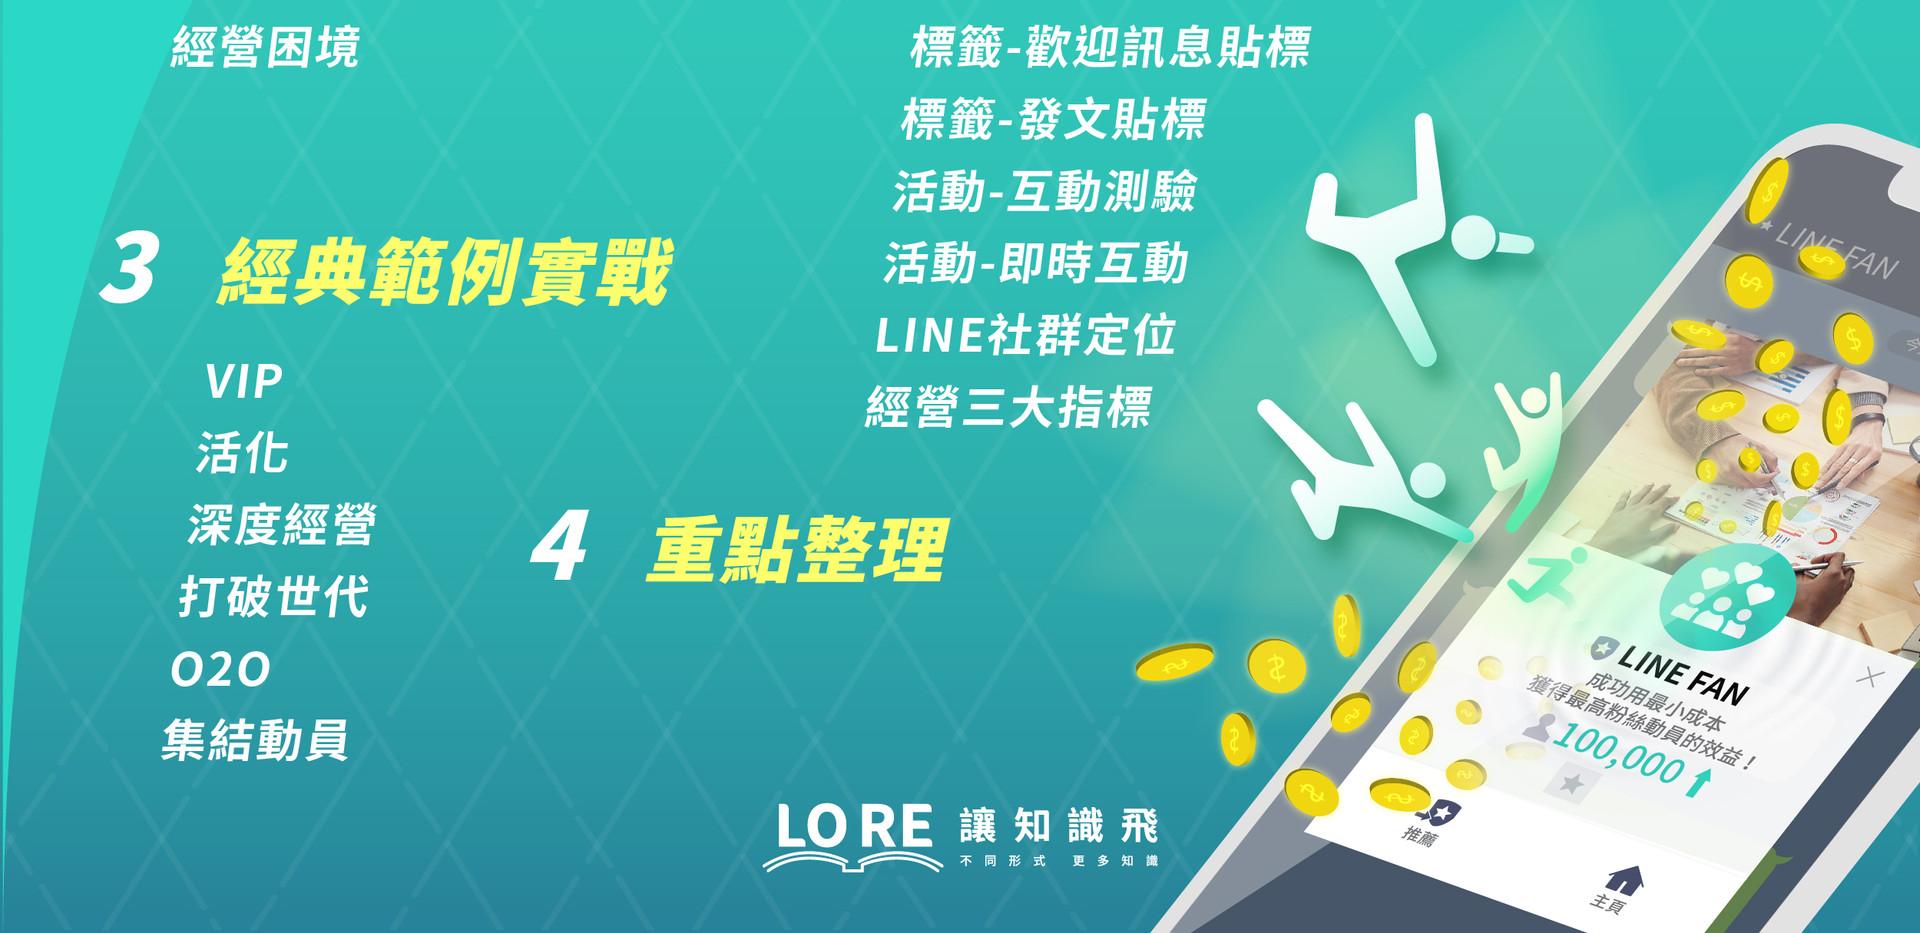 還只會推播! 教你將LINE2.0變成粉絲動員工具